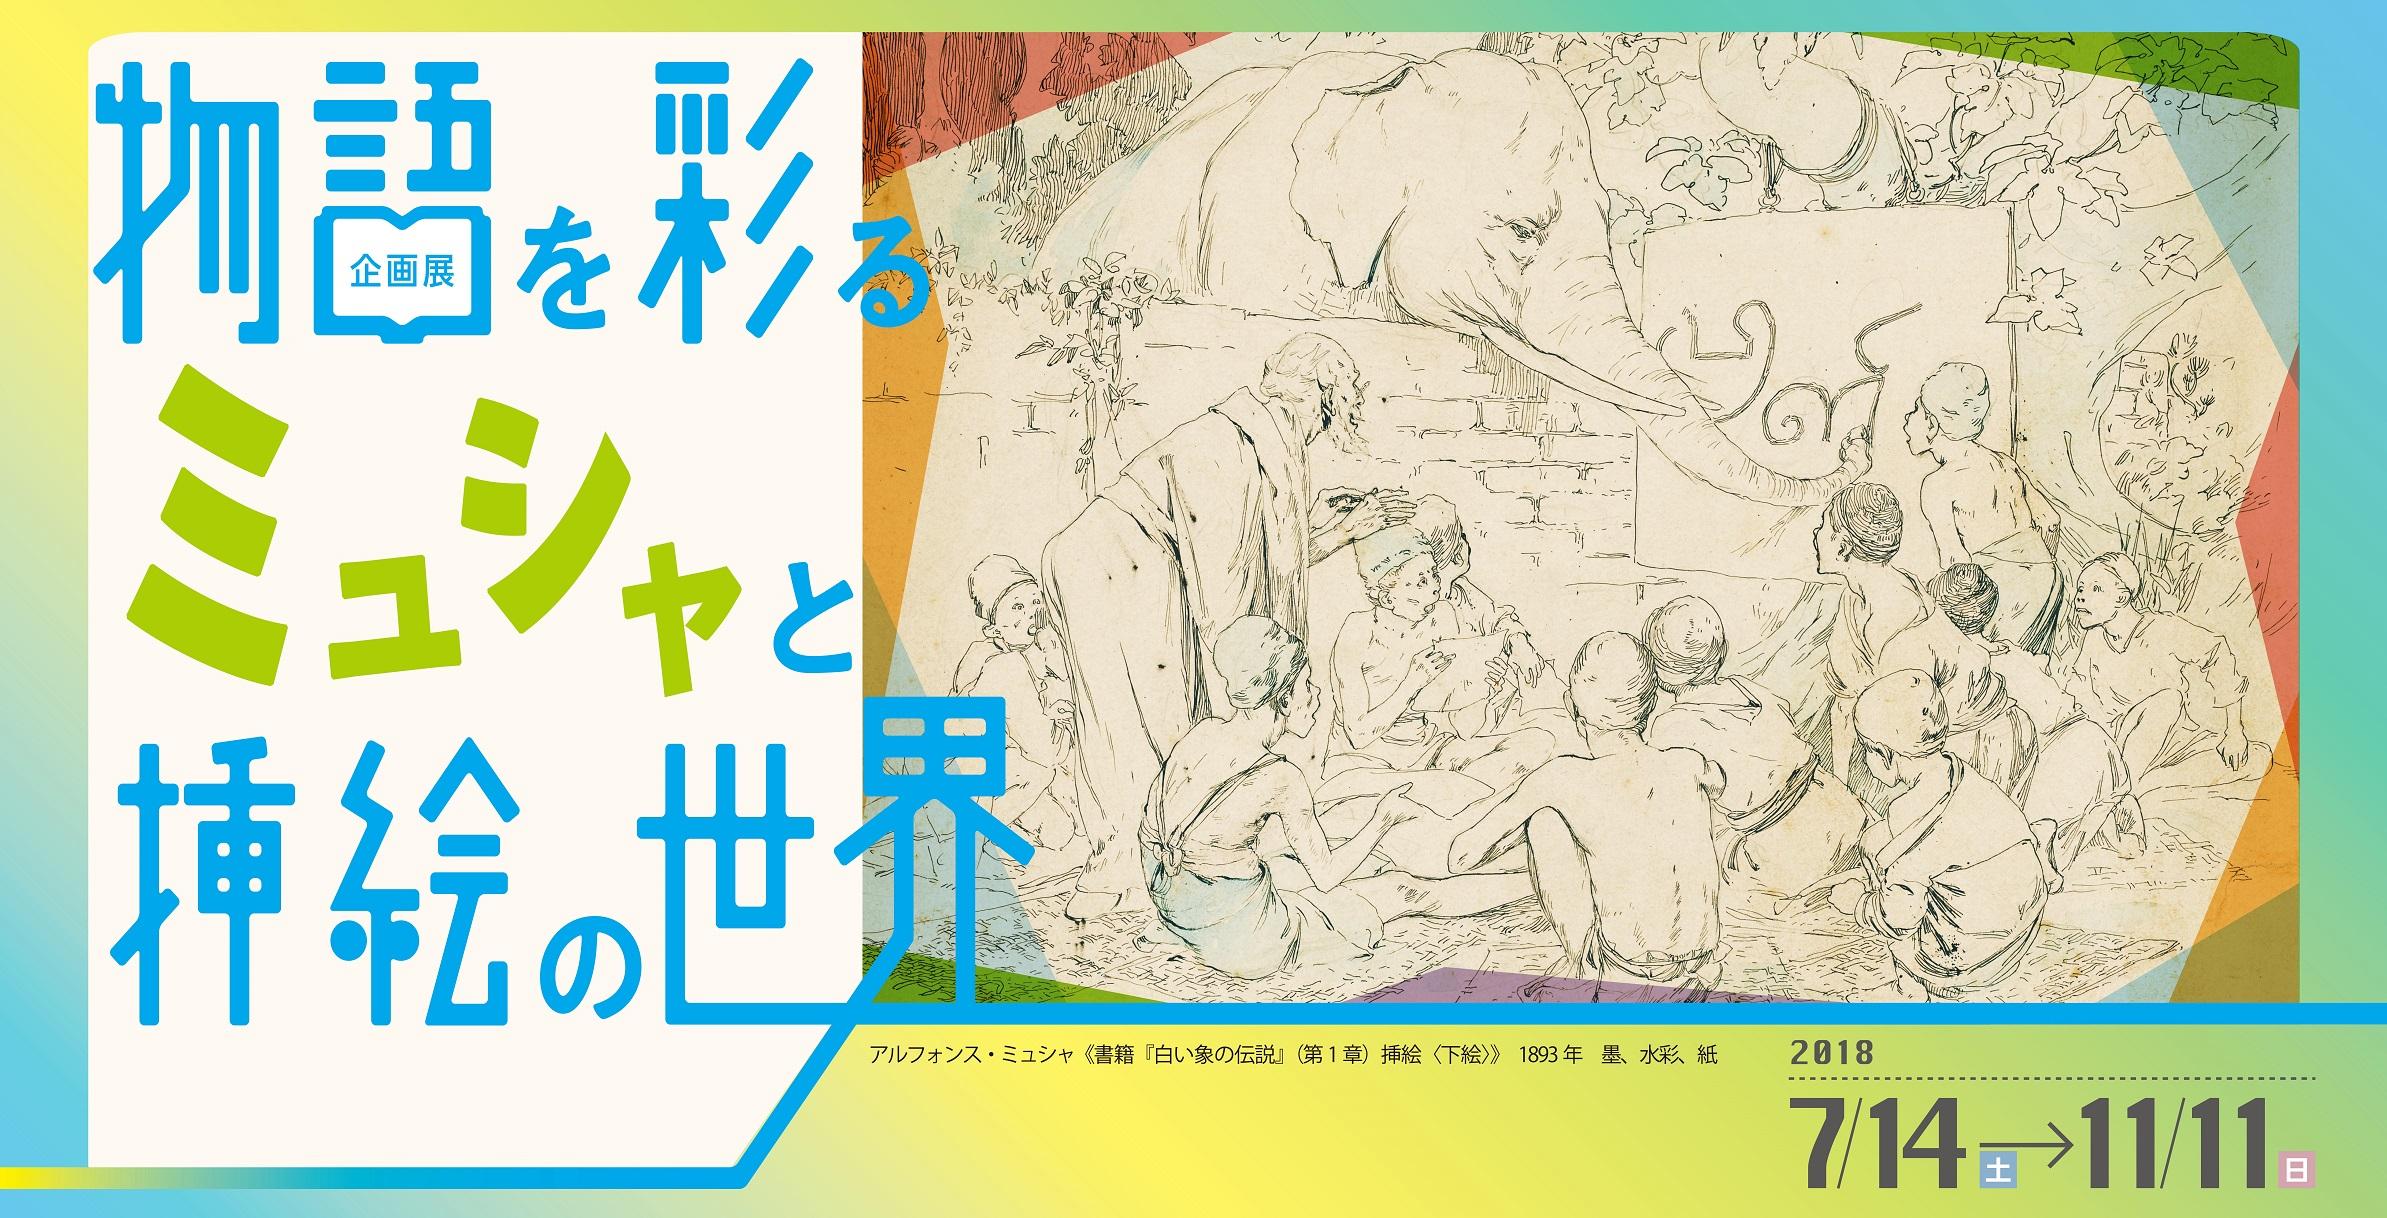 物語を彩るミュシャと挿絵の世界